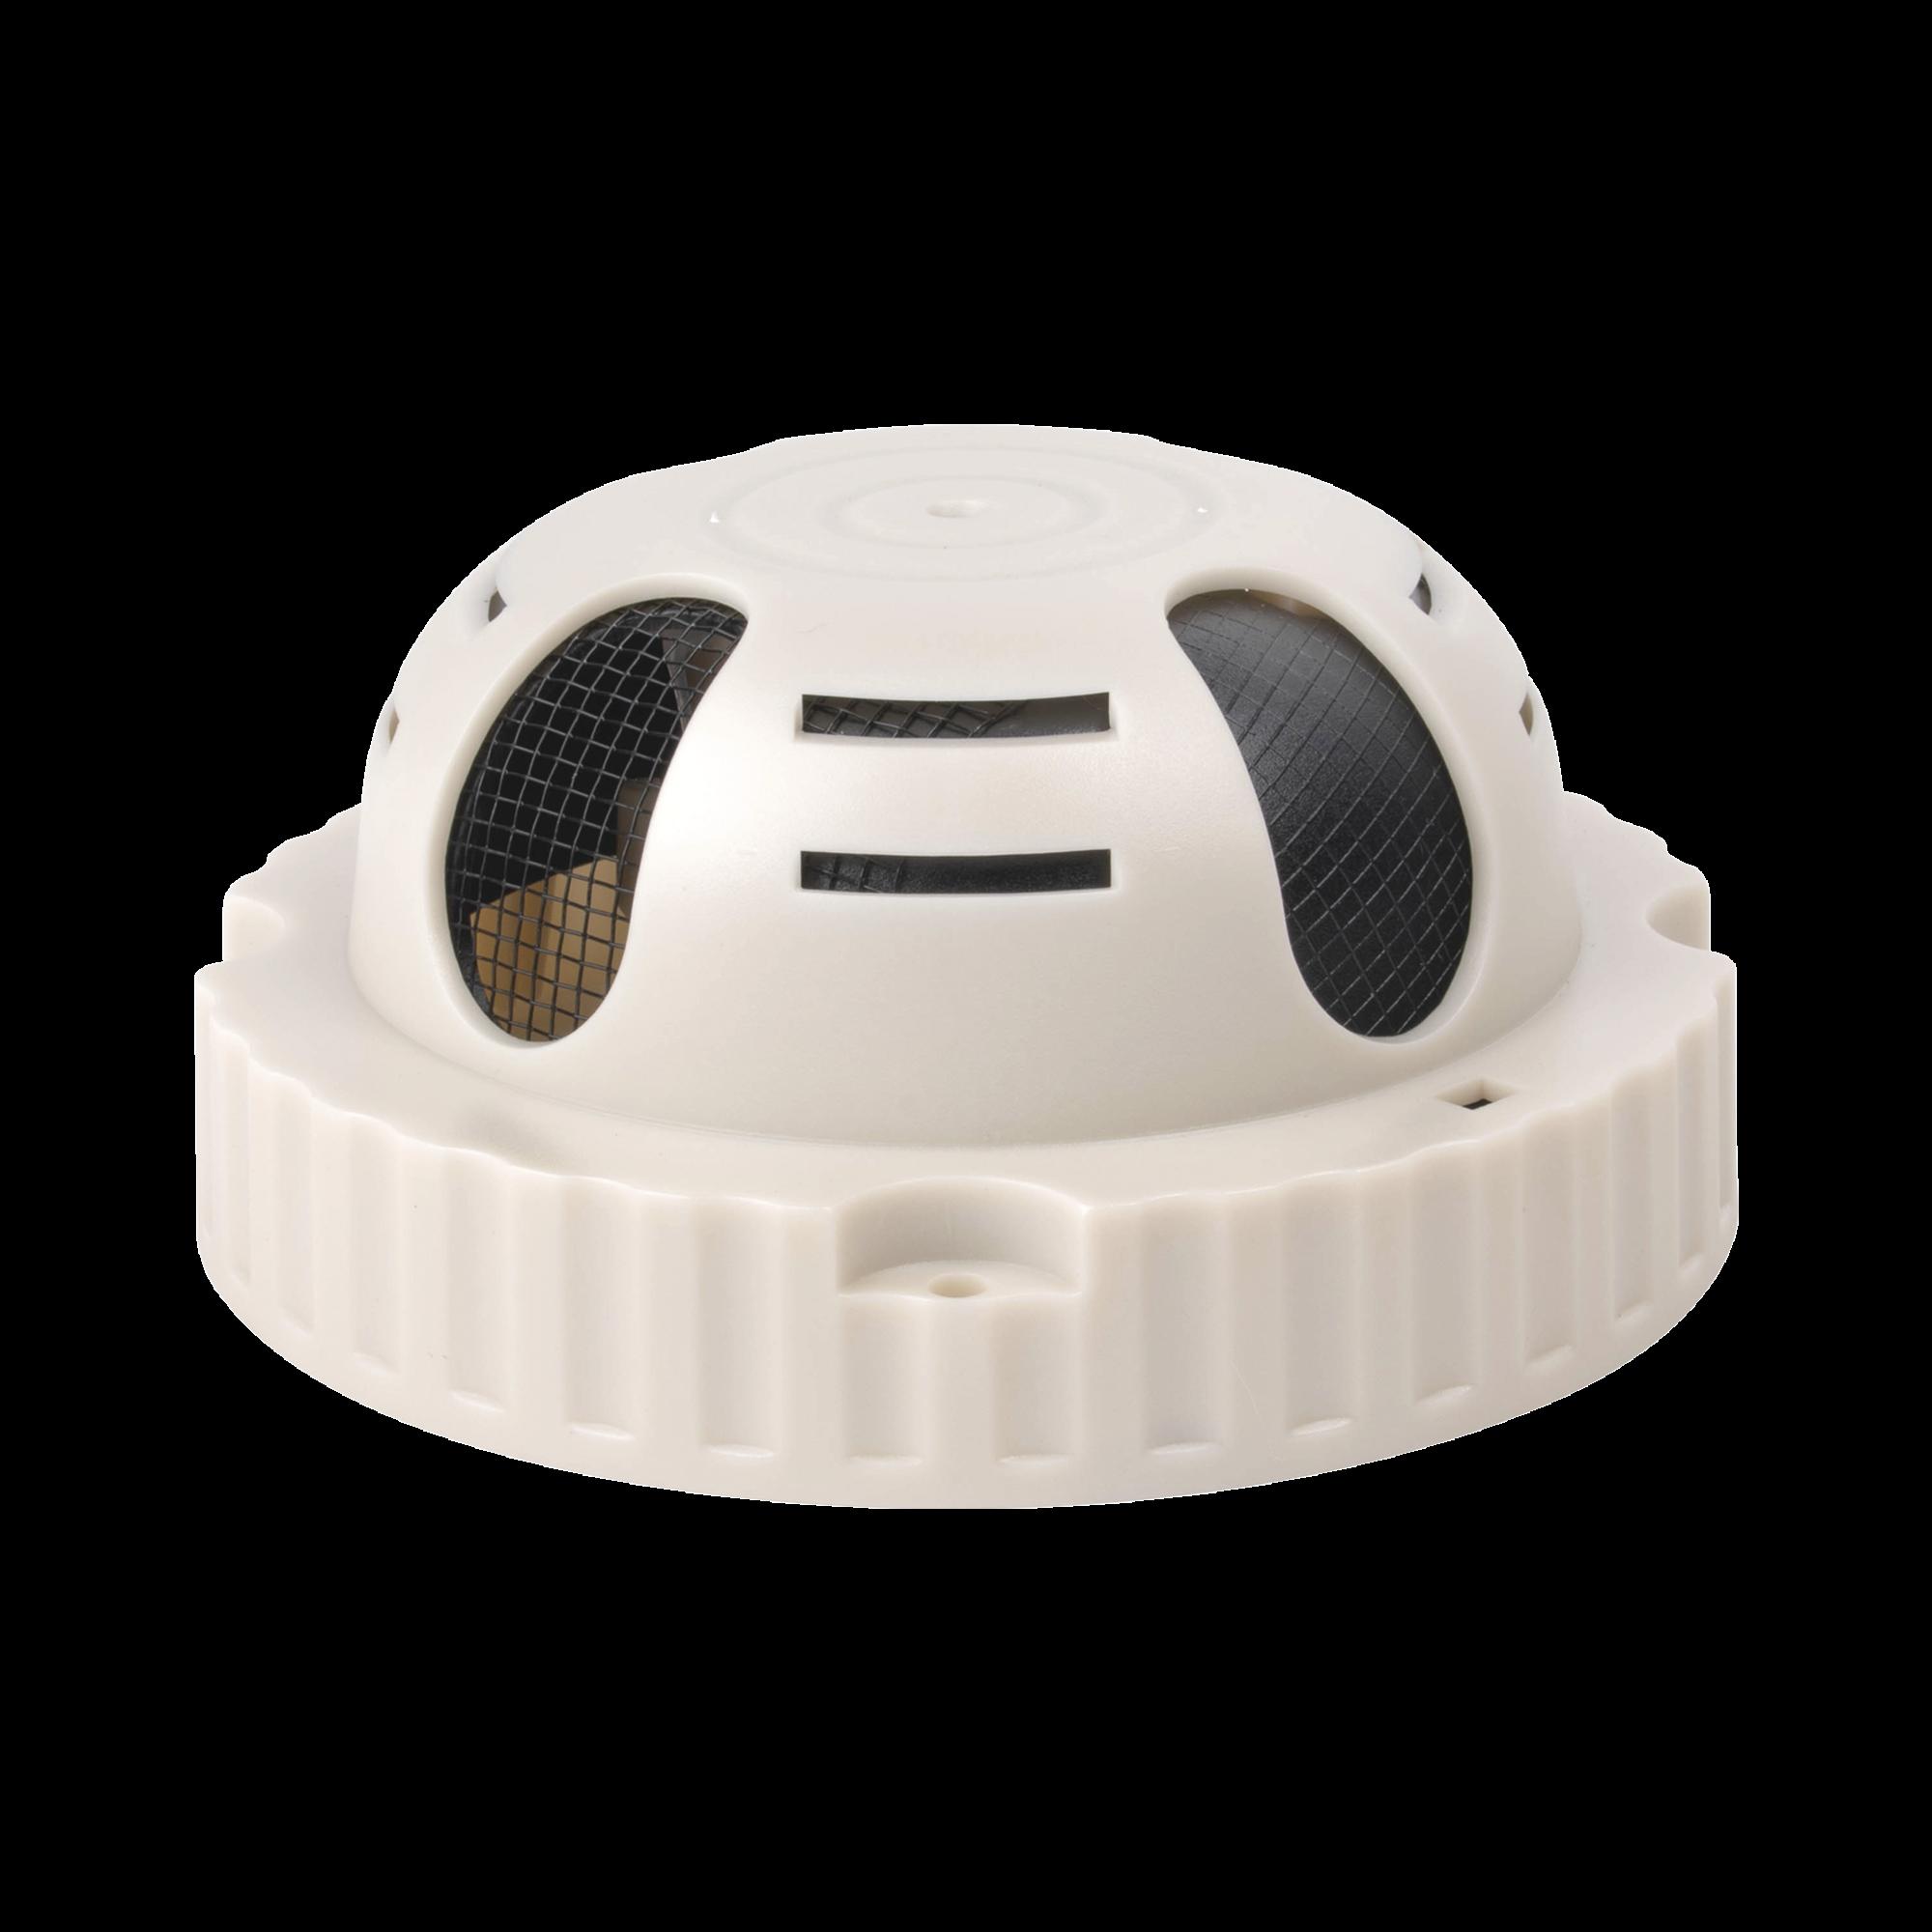 Micrófono omnidireccional, en sensor de humo, alta fidelidad, con distancia de recepción de 10-100 metros cuadrados